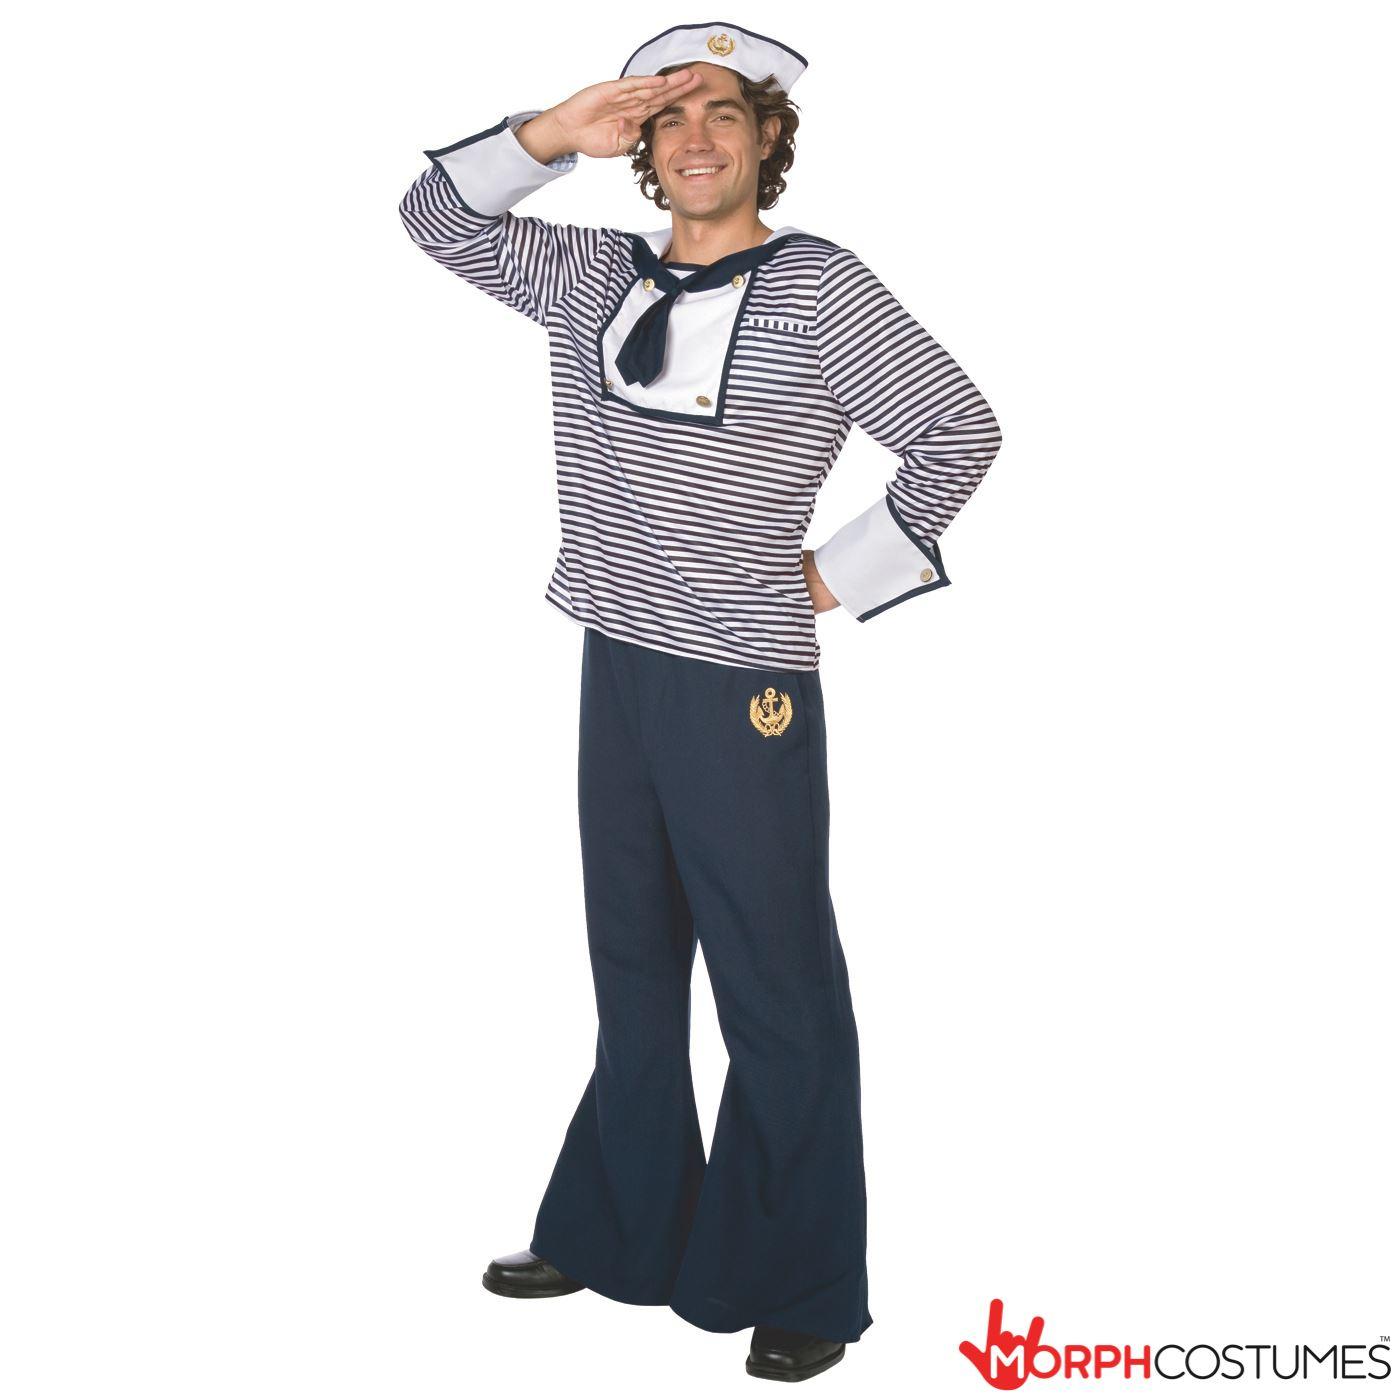 MENS SAILOR COSTUME  sc 1 st  eBay & Mens Sailor Fancy Dress Costume Navy Uniform Complete Outfit Incl ...